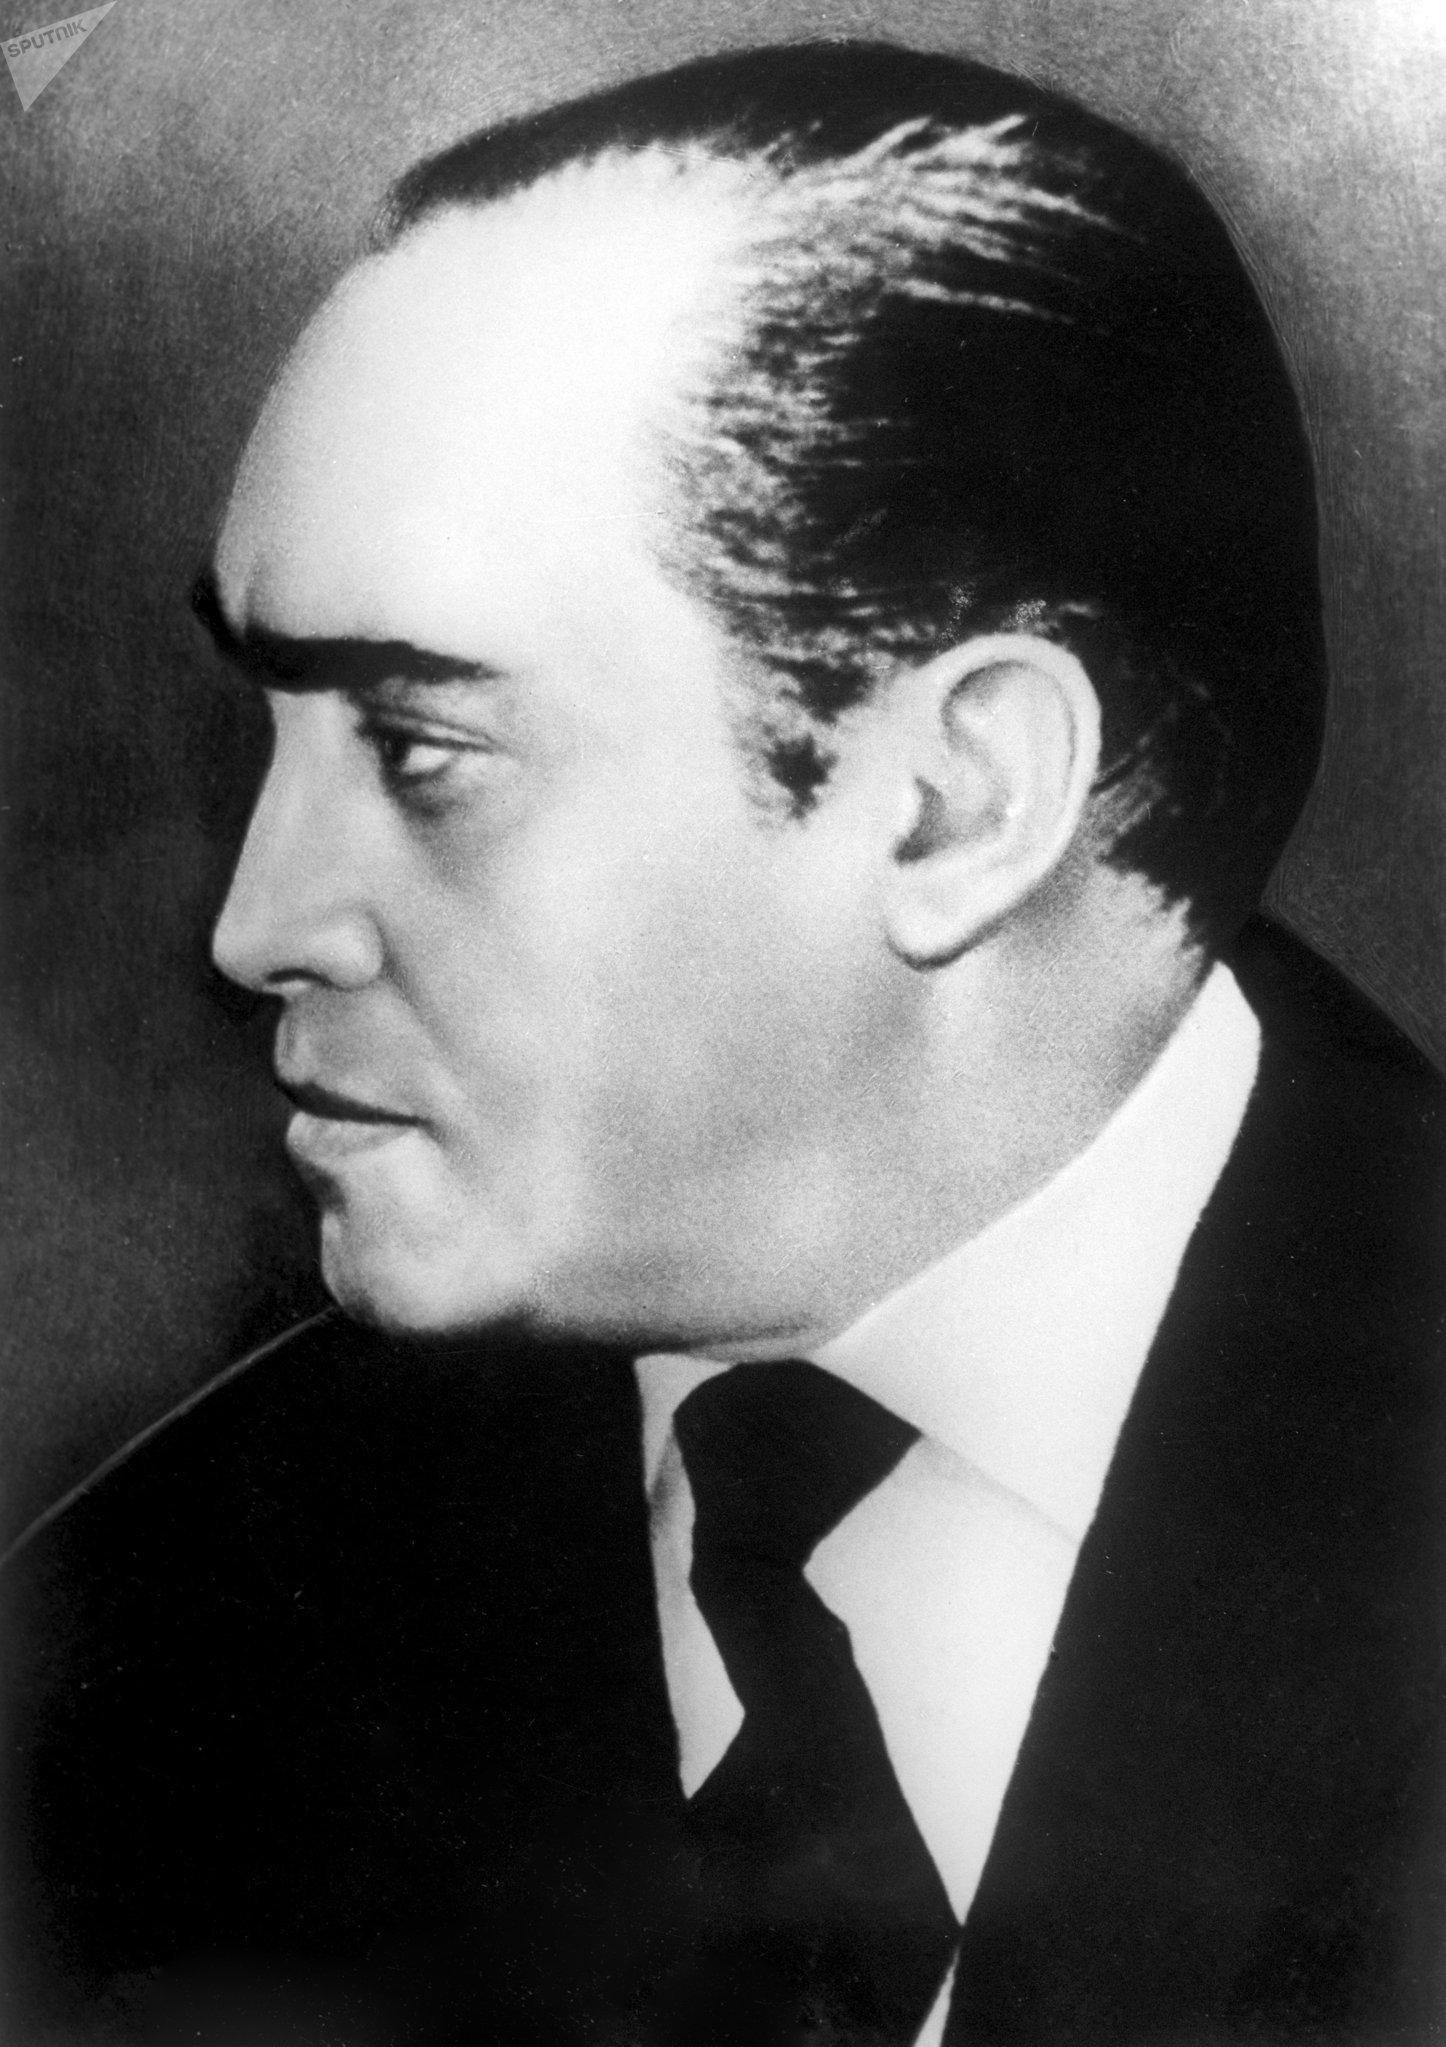 El arquitecto brasileño Oscar Niemeyer durante entrega del Premio Lenin de la Paz en 1963 en Moscú